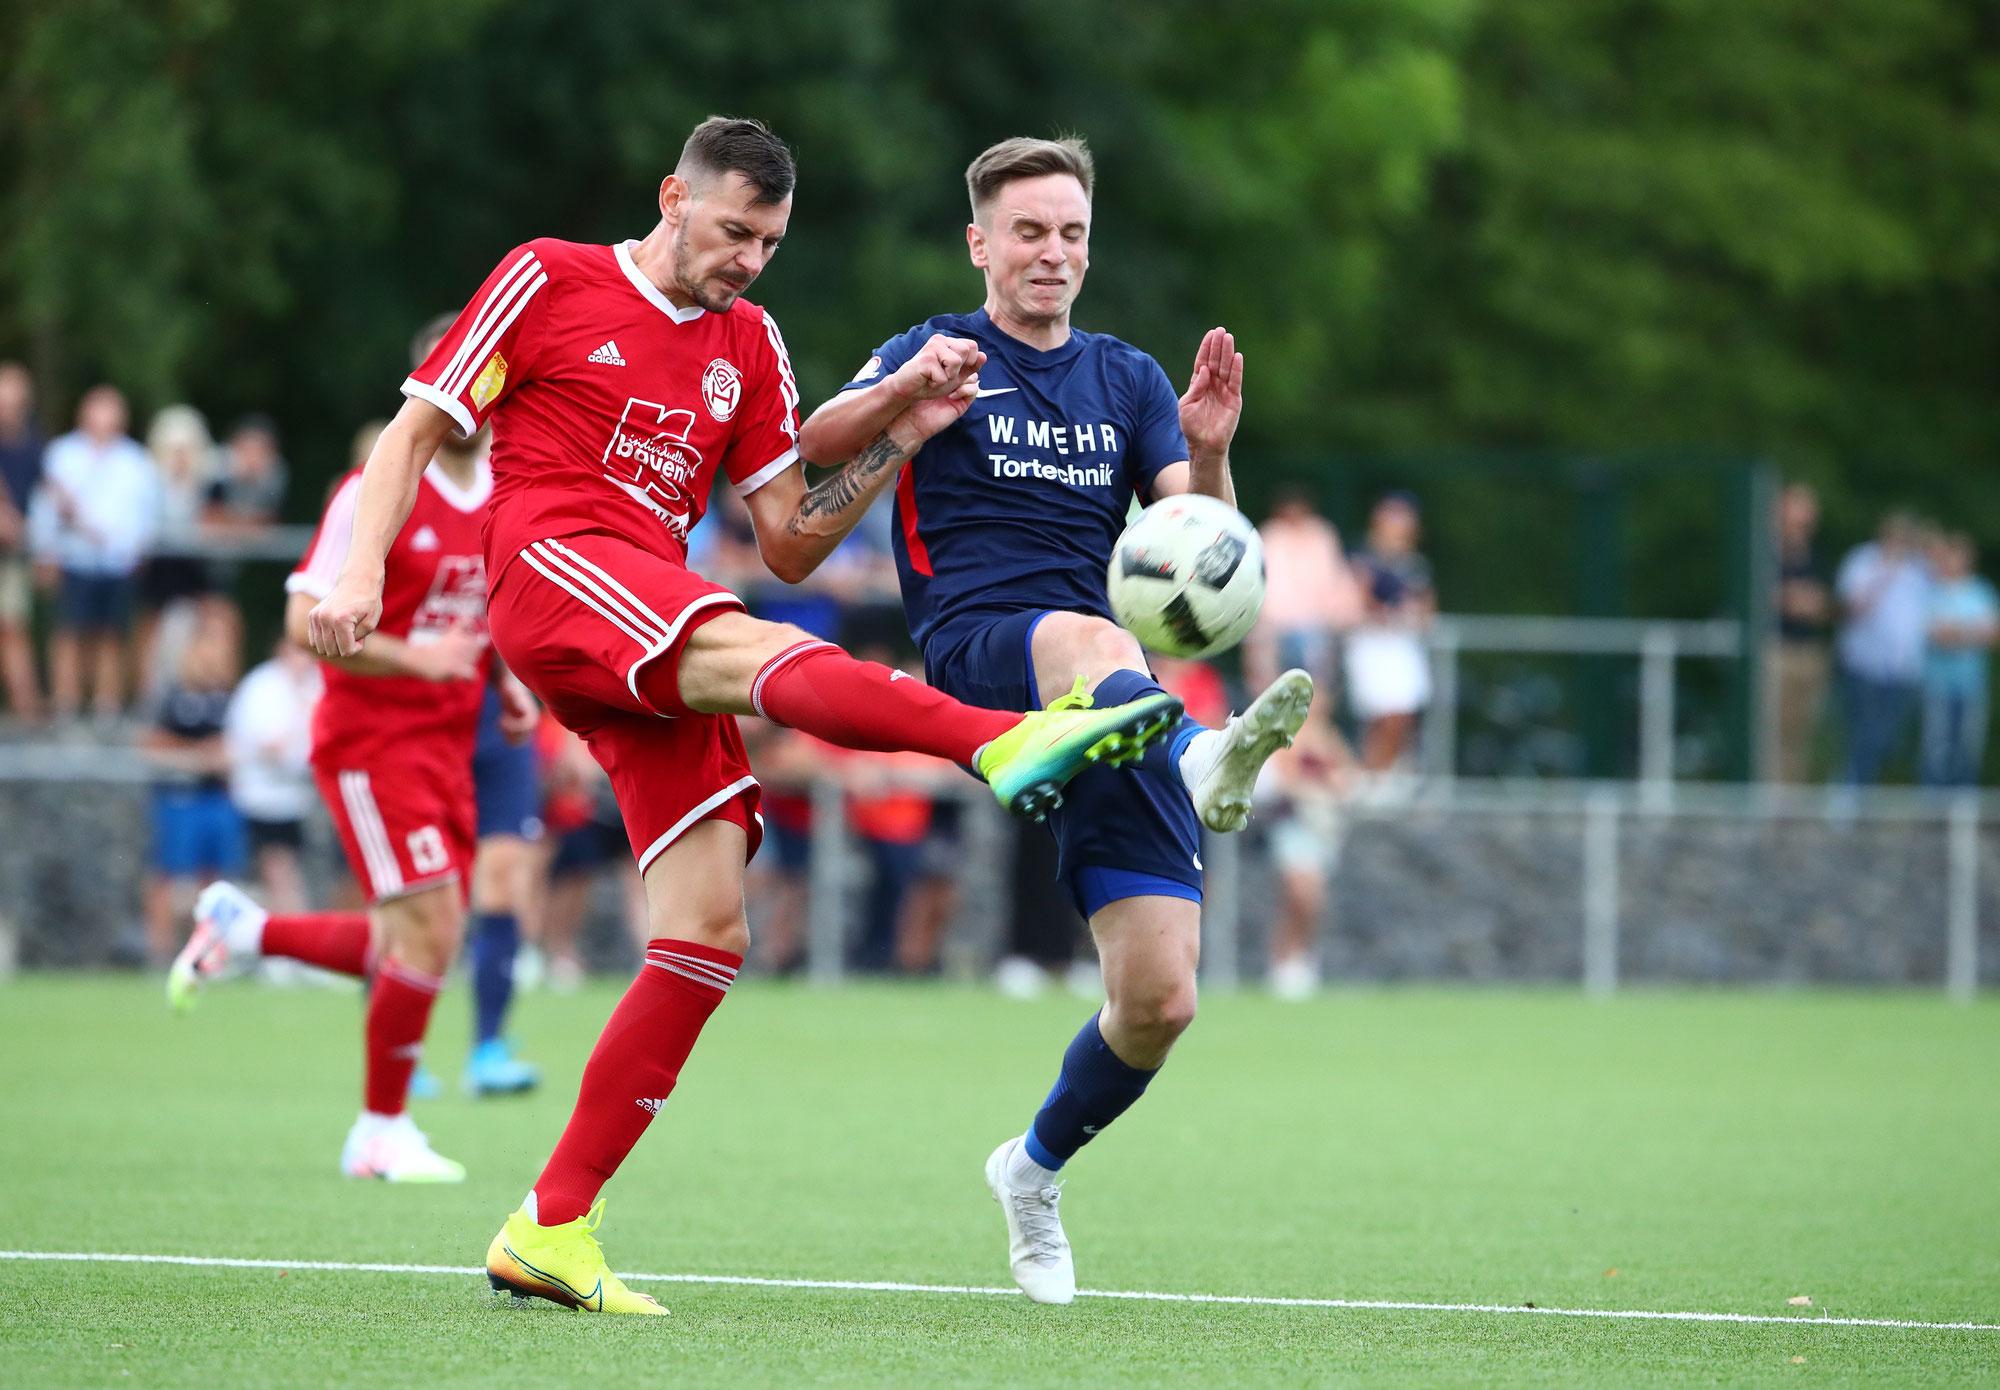 Für Steffen Rücker schließt sich der Kreis - FCW holt Rücker als Spieler-Co-Trainer